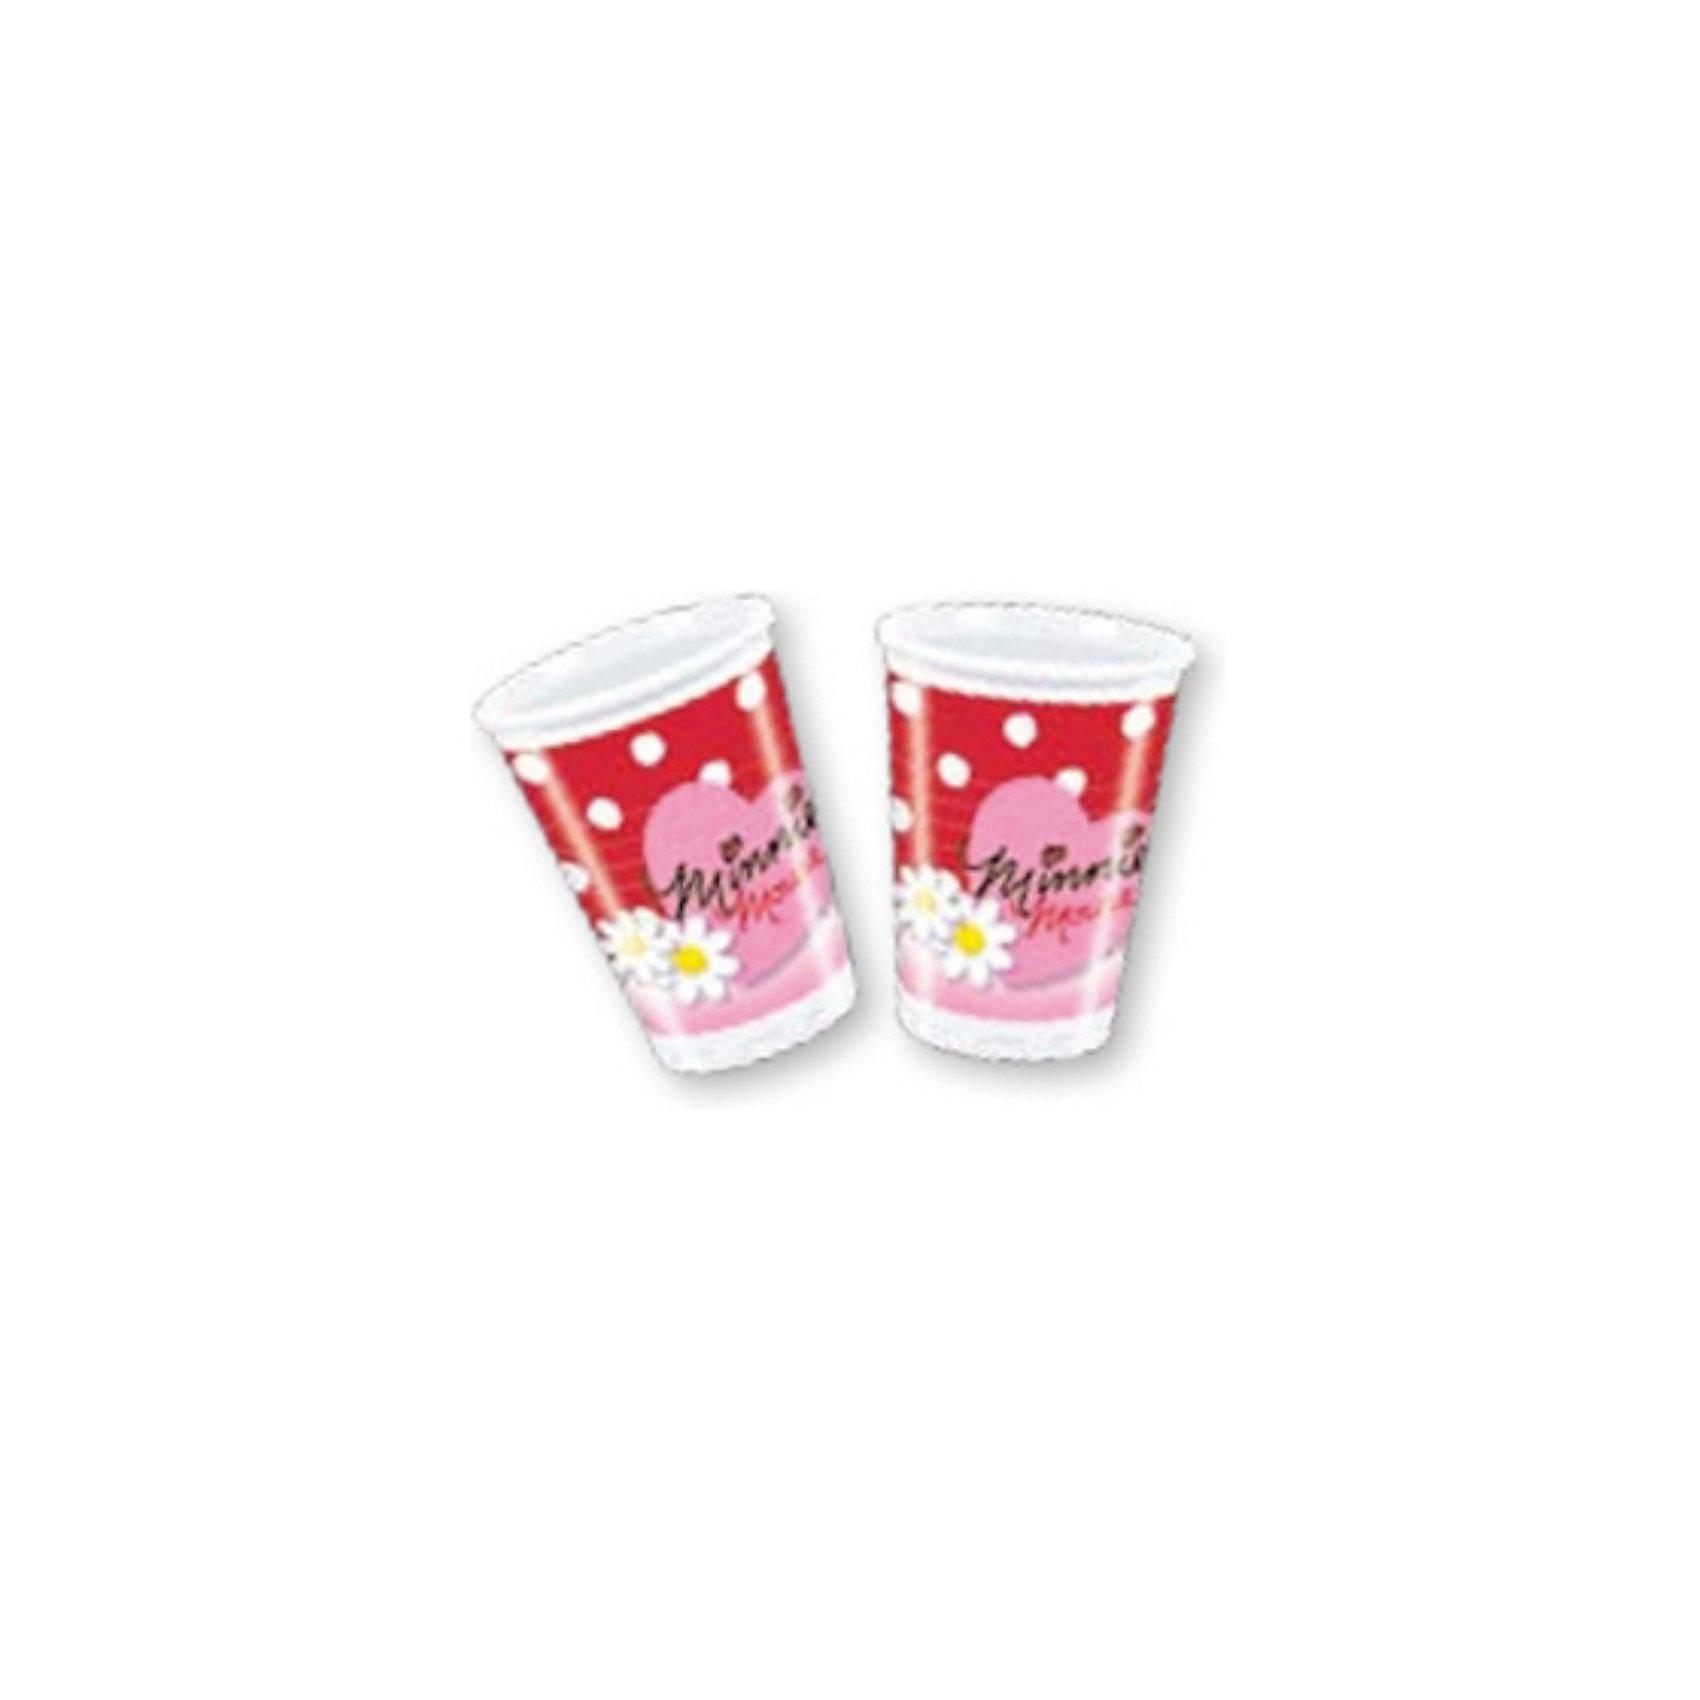 Procos Стаканы пластиковые Минни Mayc с маргаритками, 180 мл, 10 шт. пластиковые лыжи без насечки цст 180